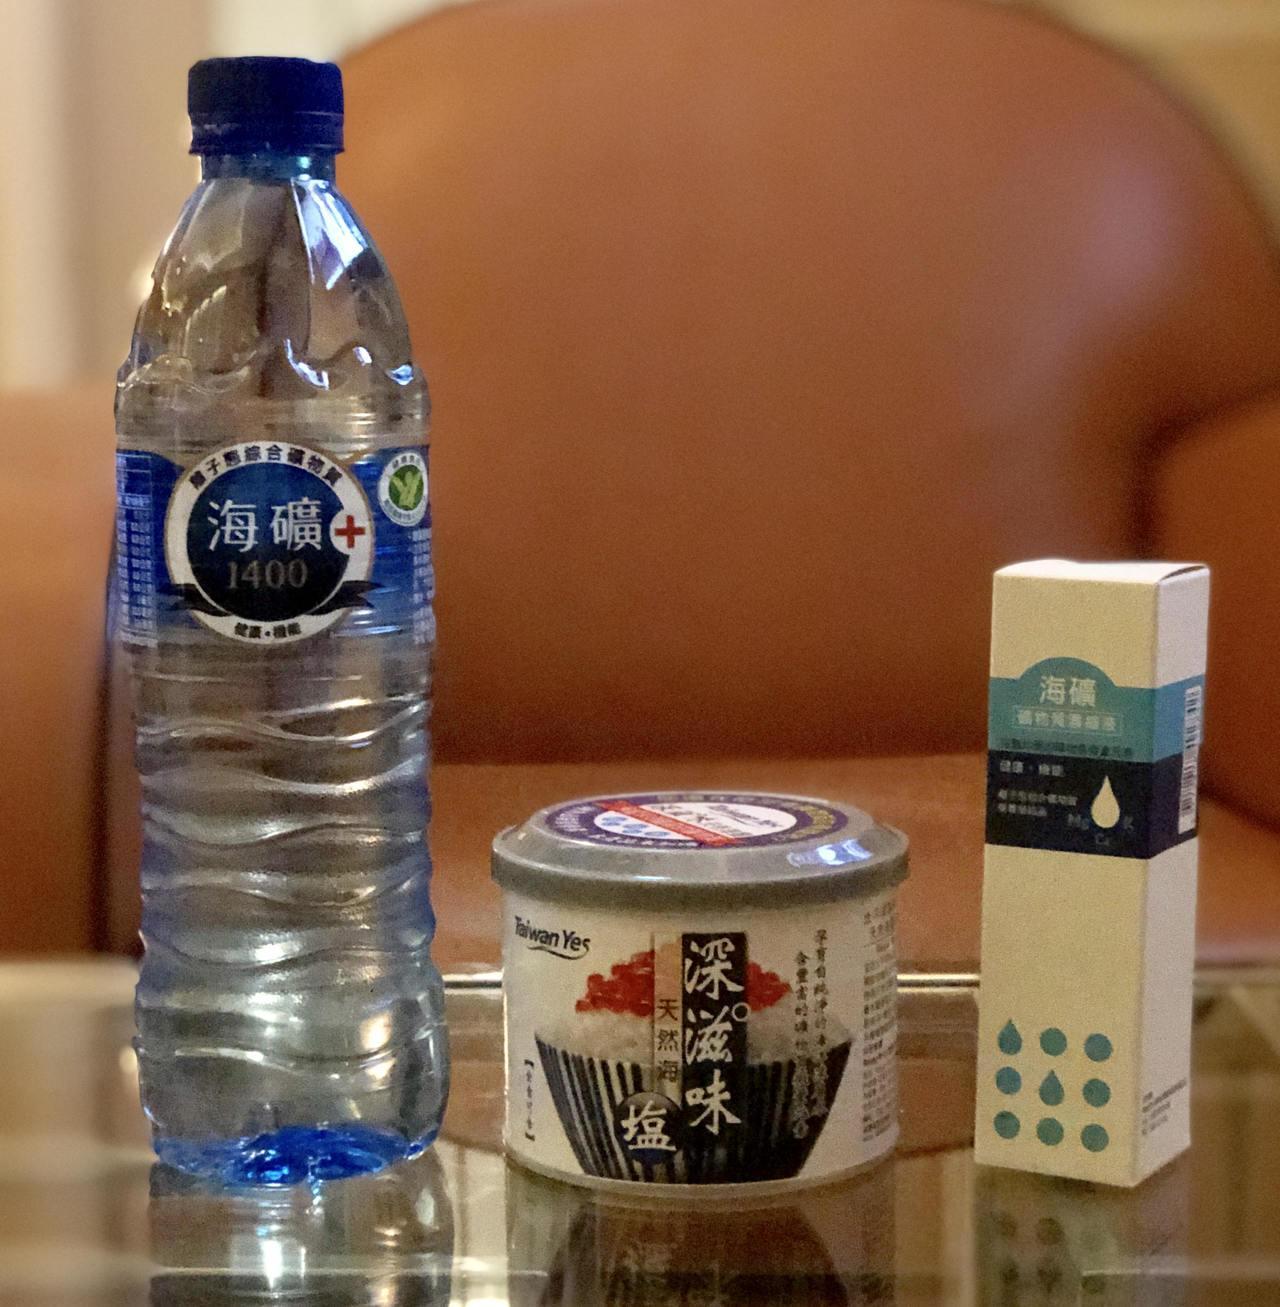 台灣海洋深層水公司取自太平洋深海,所製造而成的三項核心產品,包括海礦1400+礦...